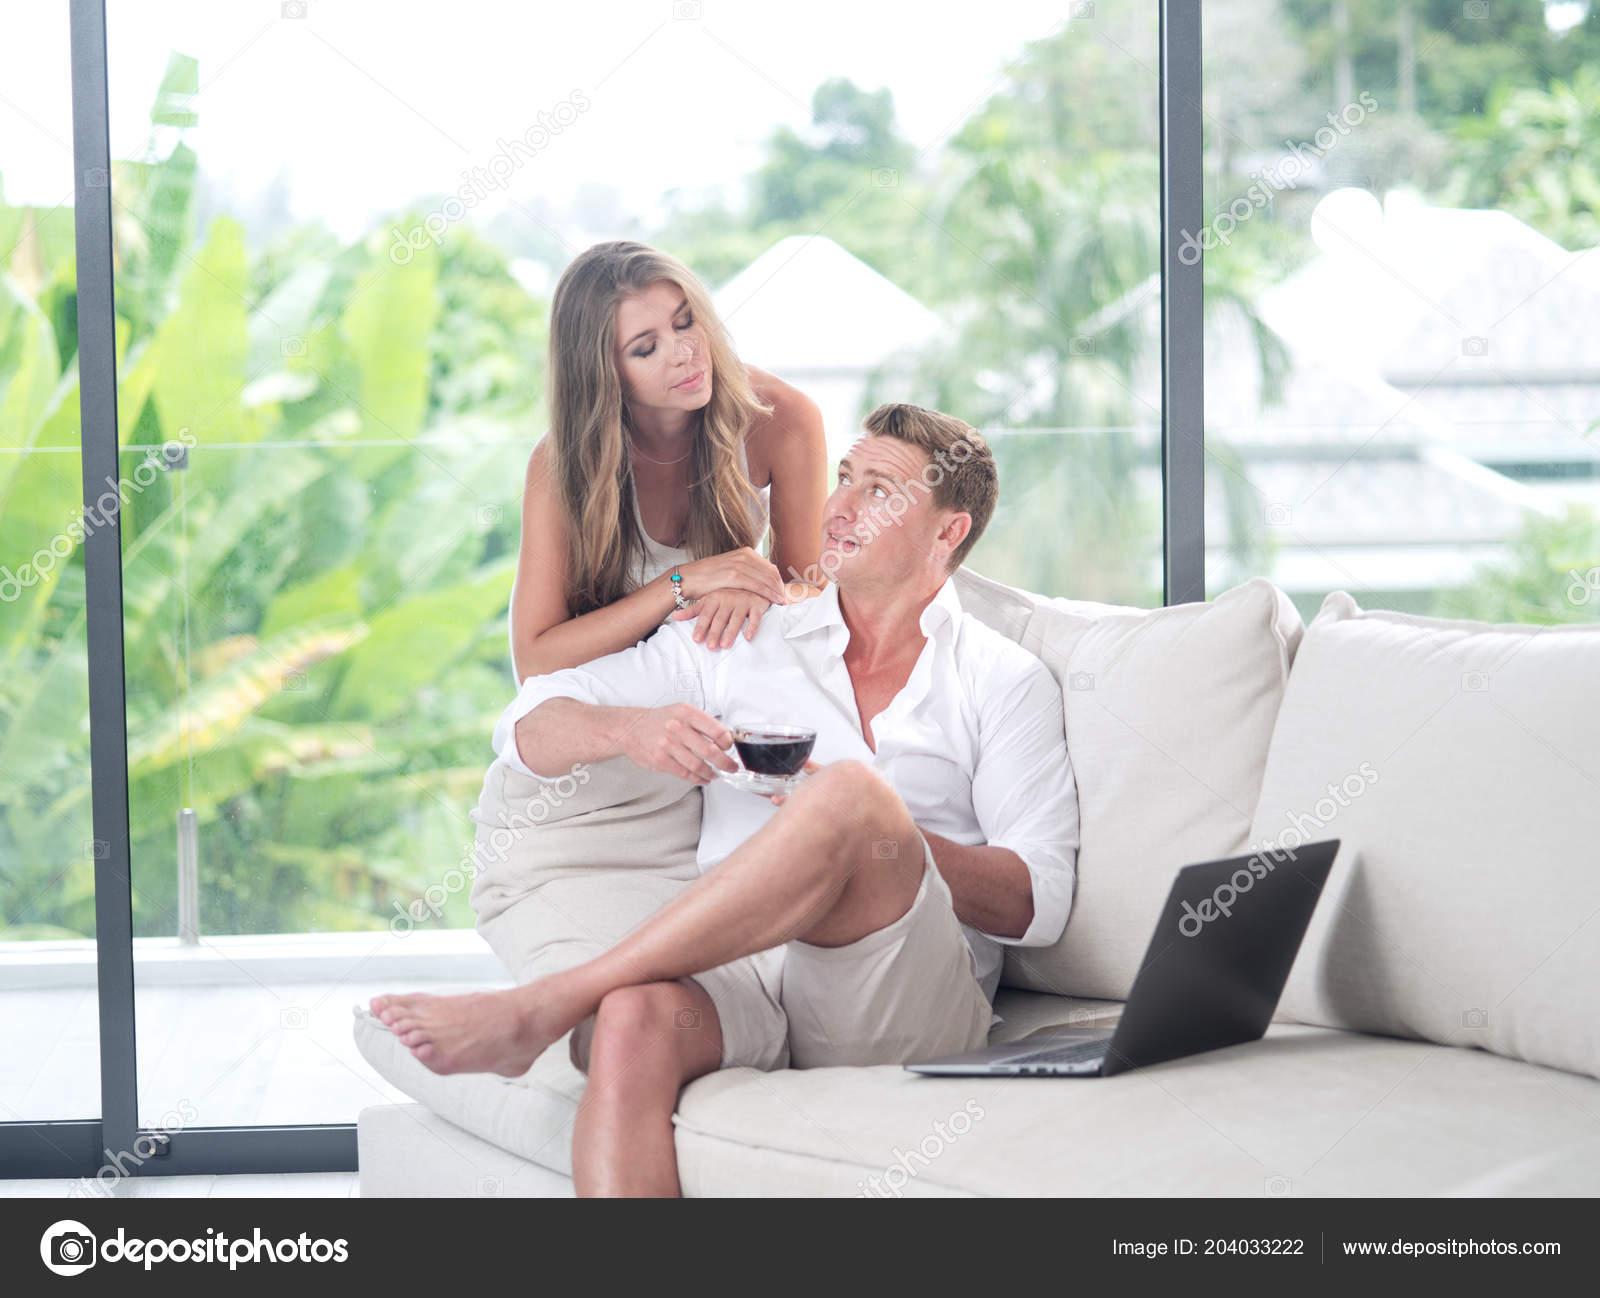 Αγάπη dating δωμάτιο chat